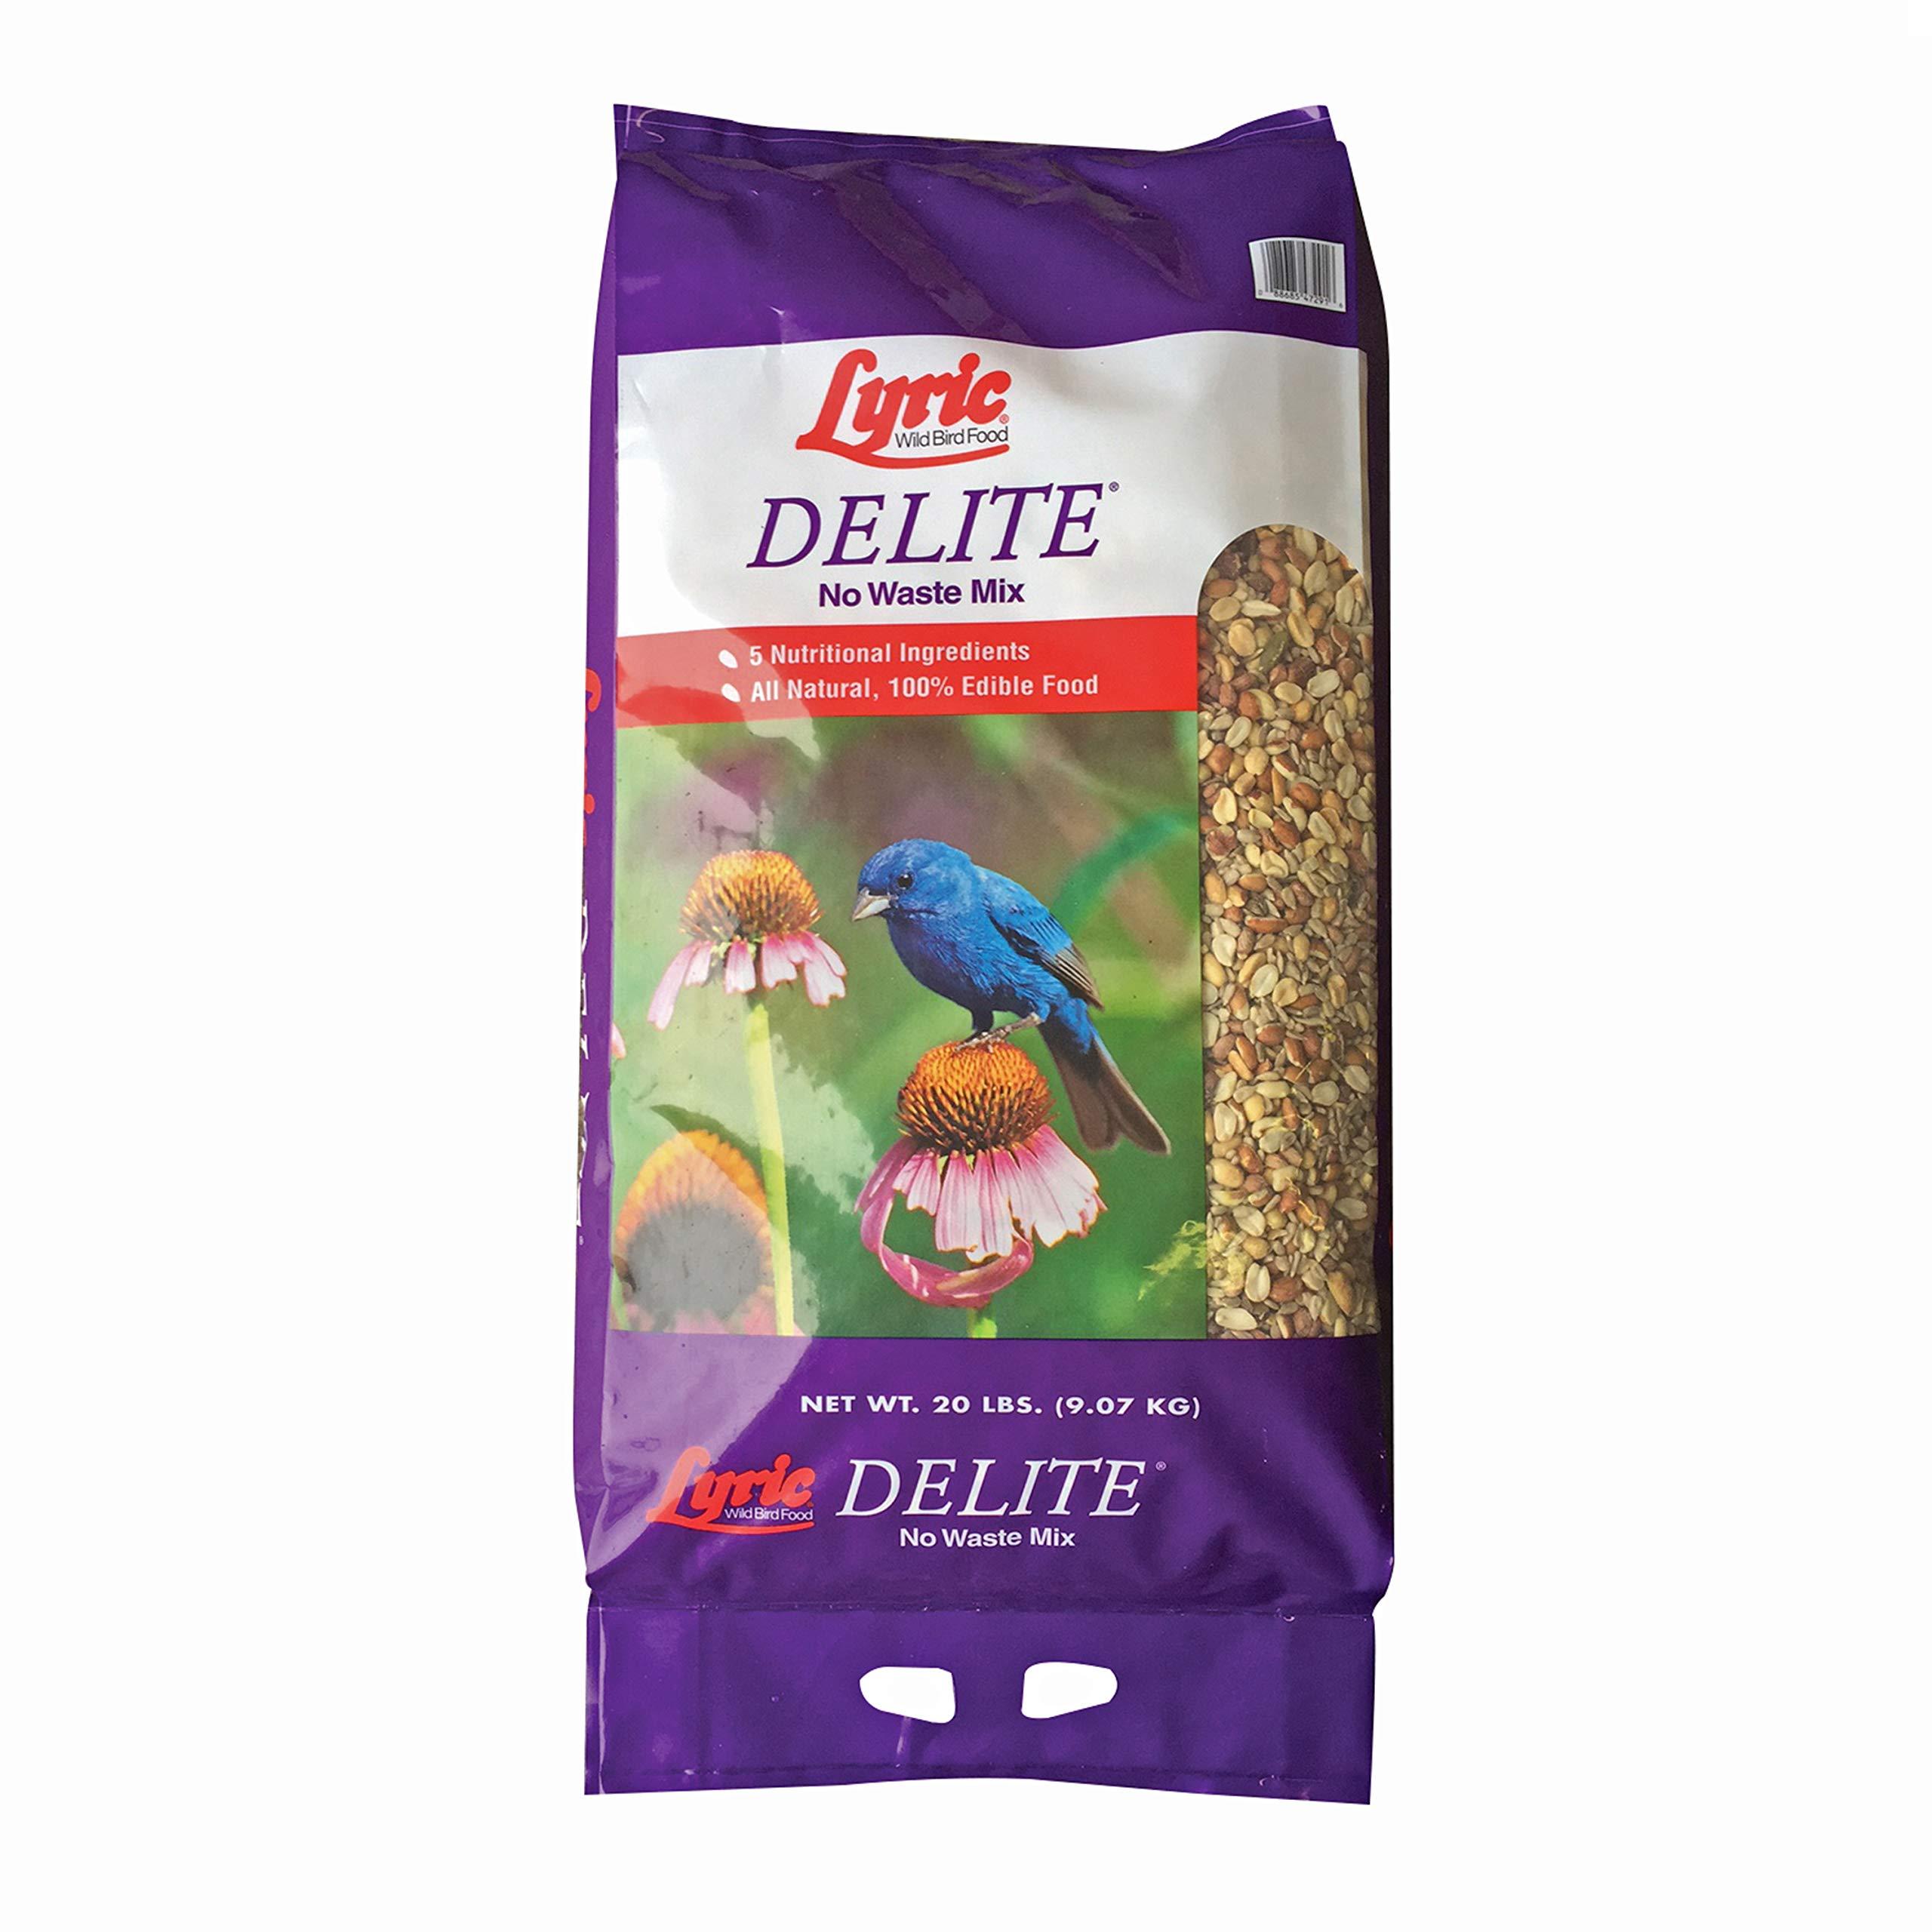 Lyric 2647462 Delite High Protein No Waste Wild Bird Mix, 20 lb by Lyric